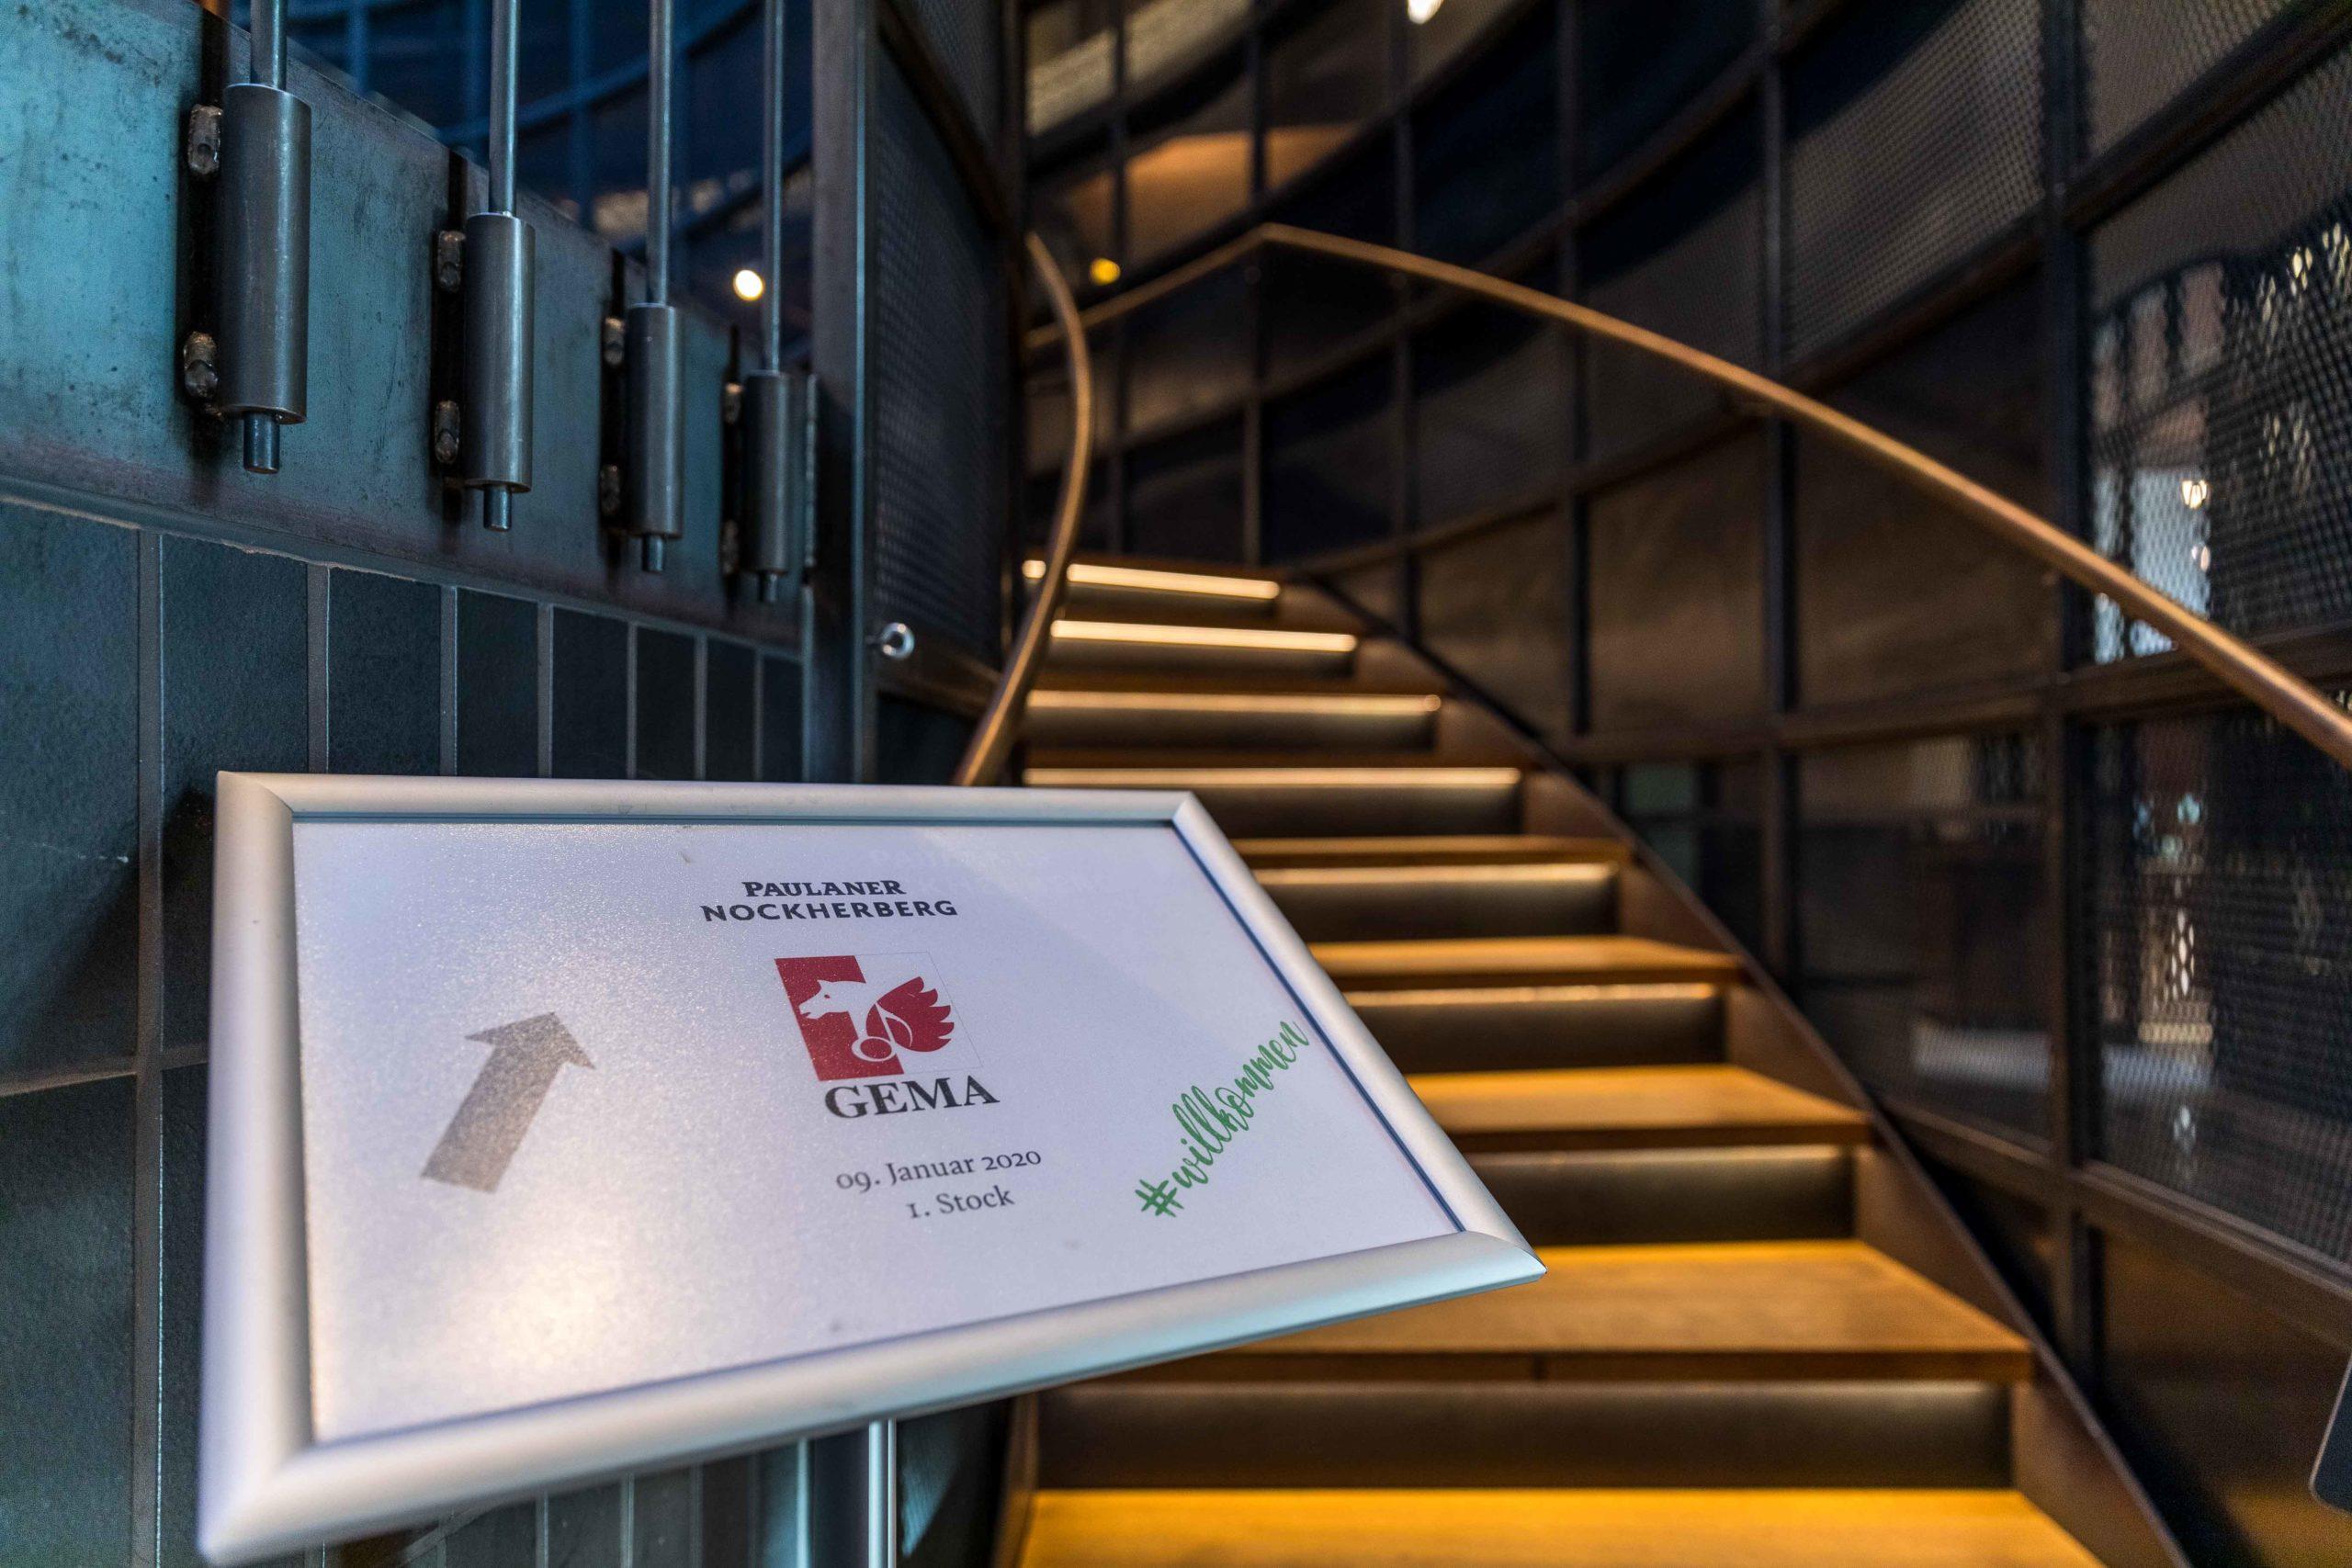 Eventfotografie Events München Anja Richter Fotografie GEMA NE 2020-5